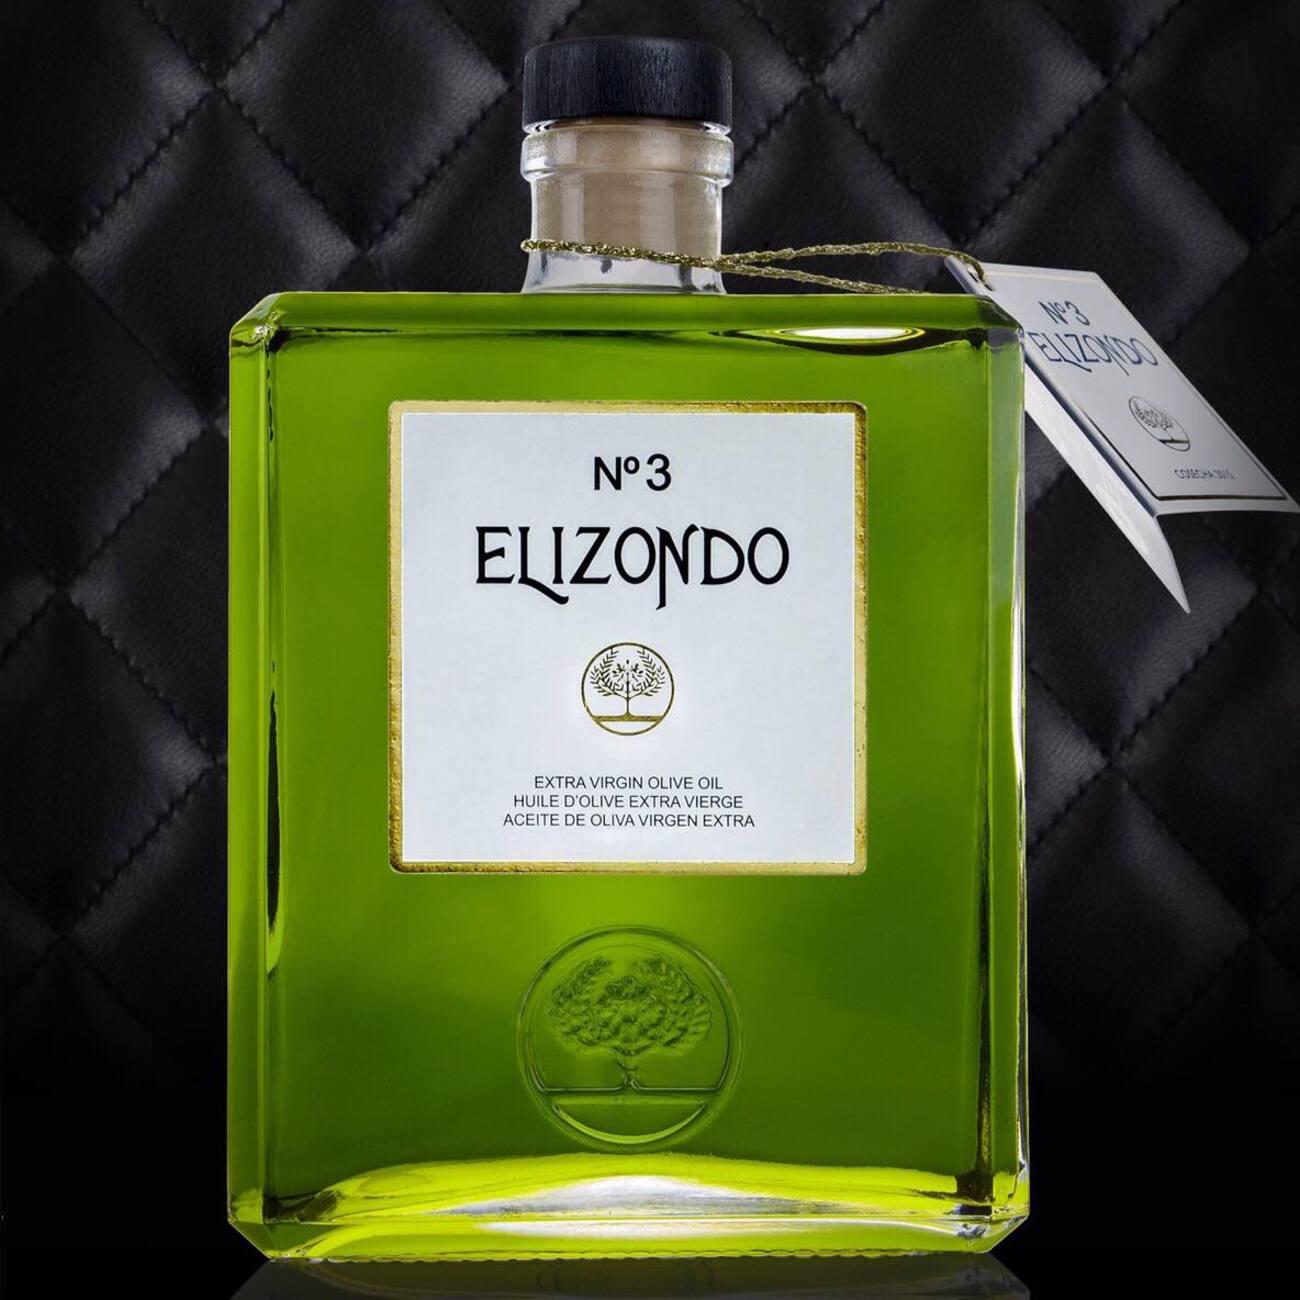 aceite_elizondo_nº3 (1)